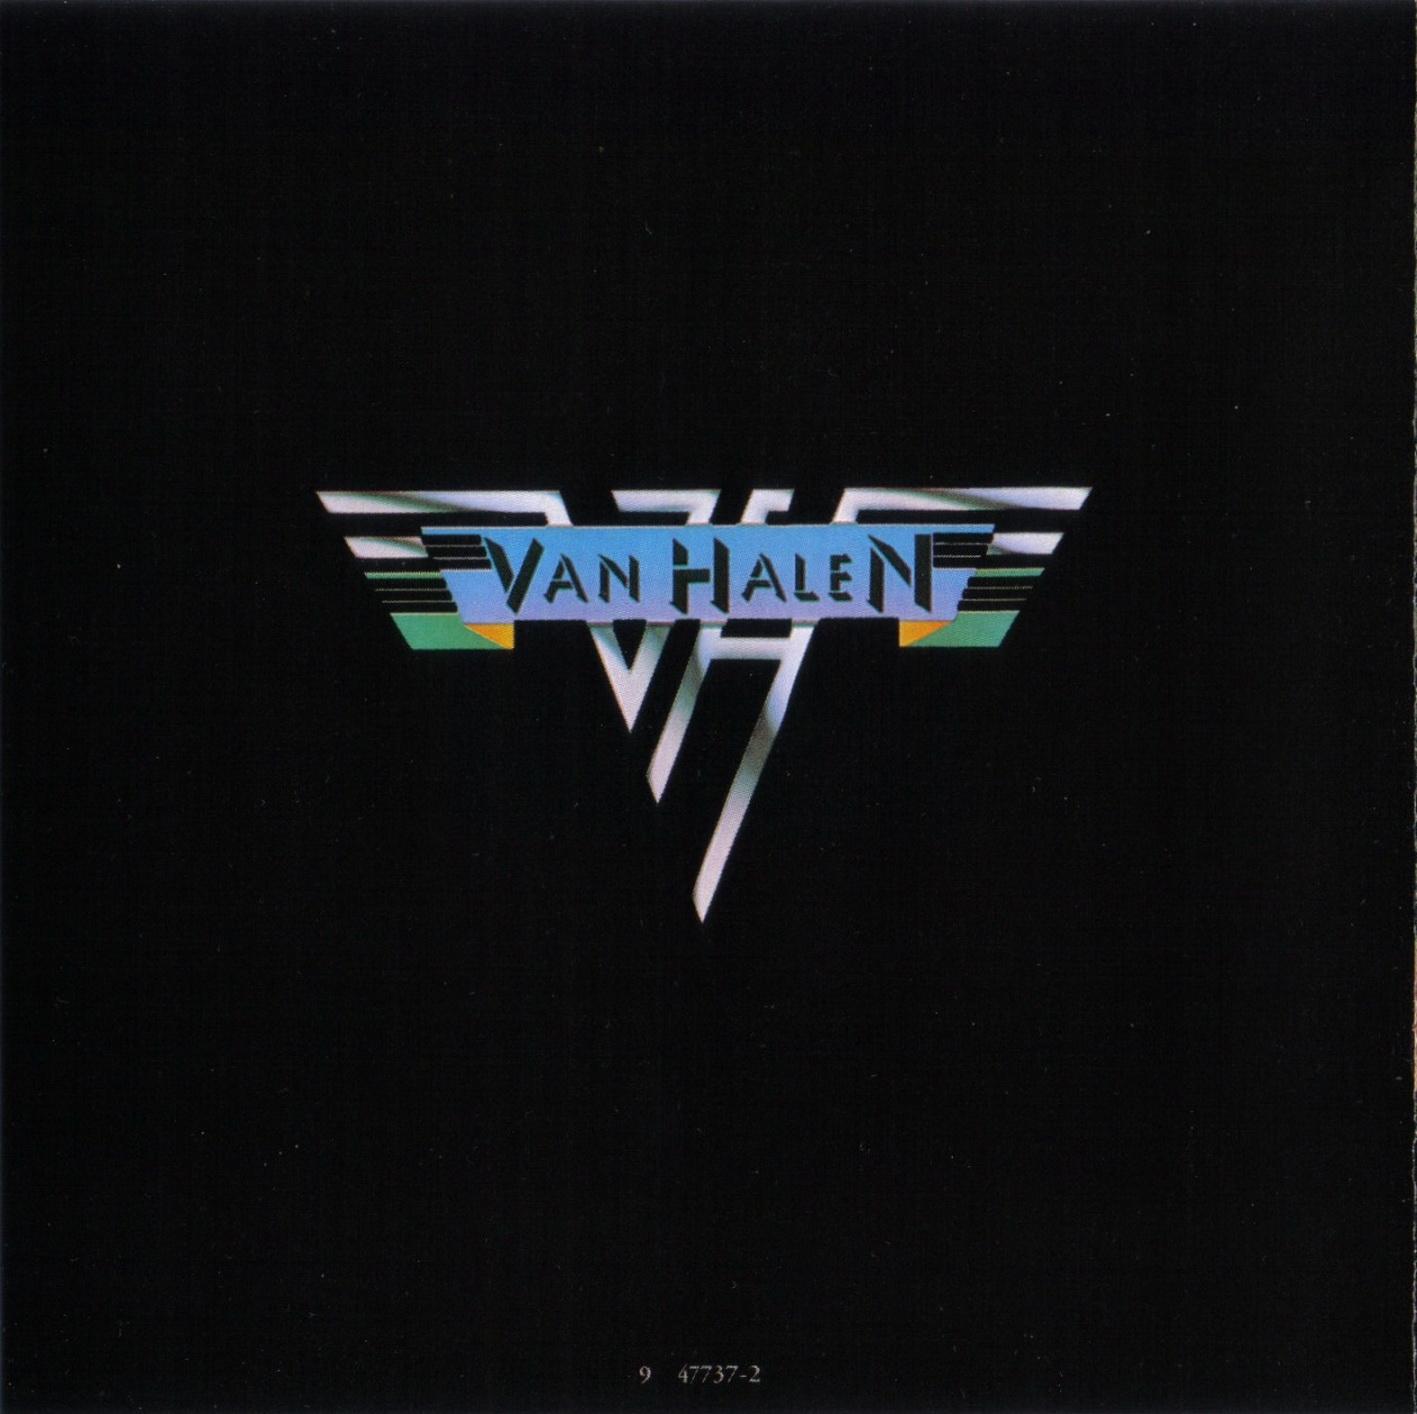 Van Halen - Actress Wallpapers